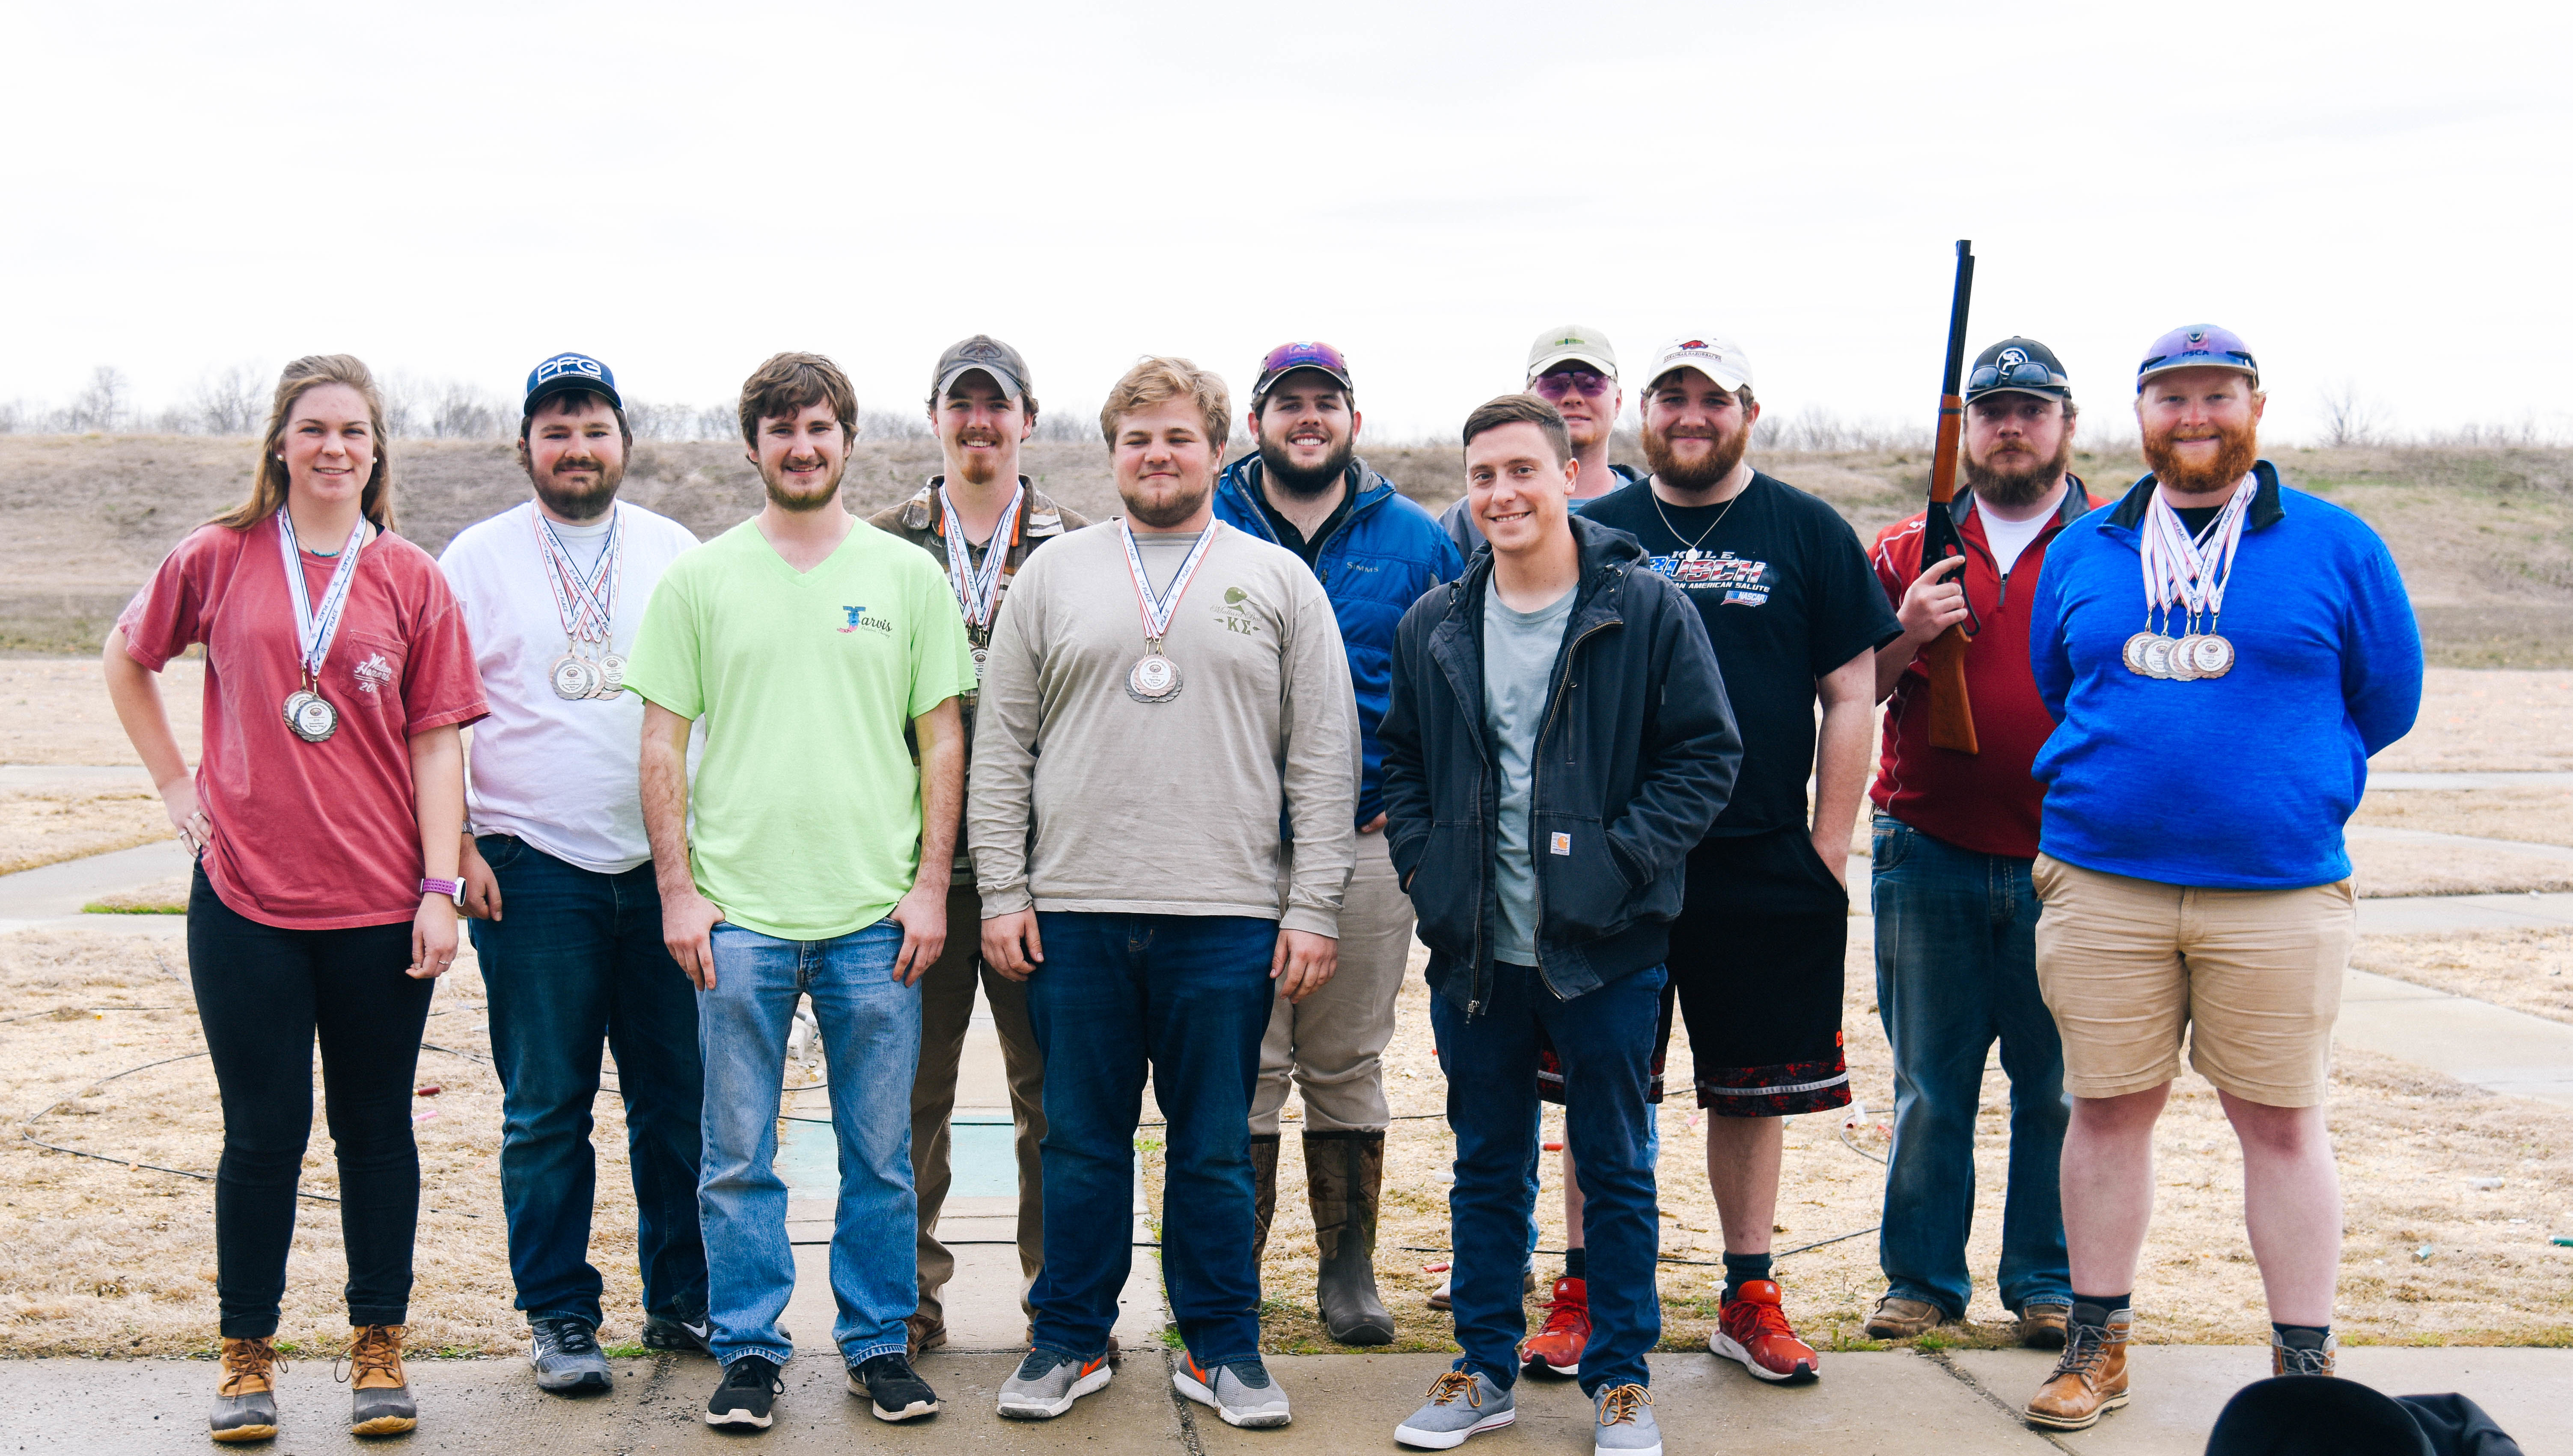 ACUI super shoot in Tillar, Arkansas.